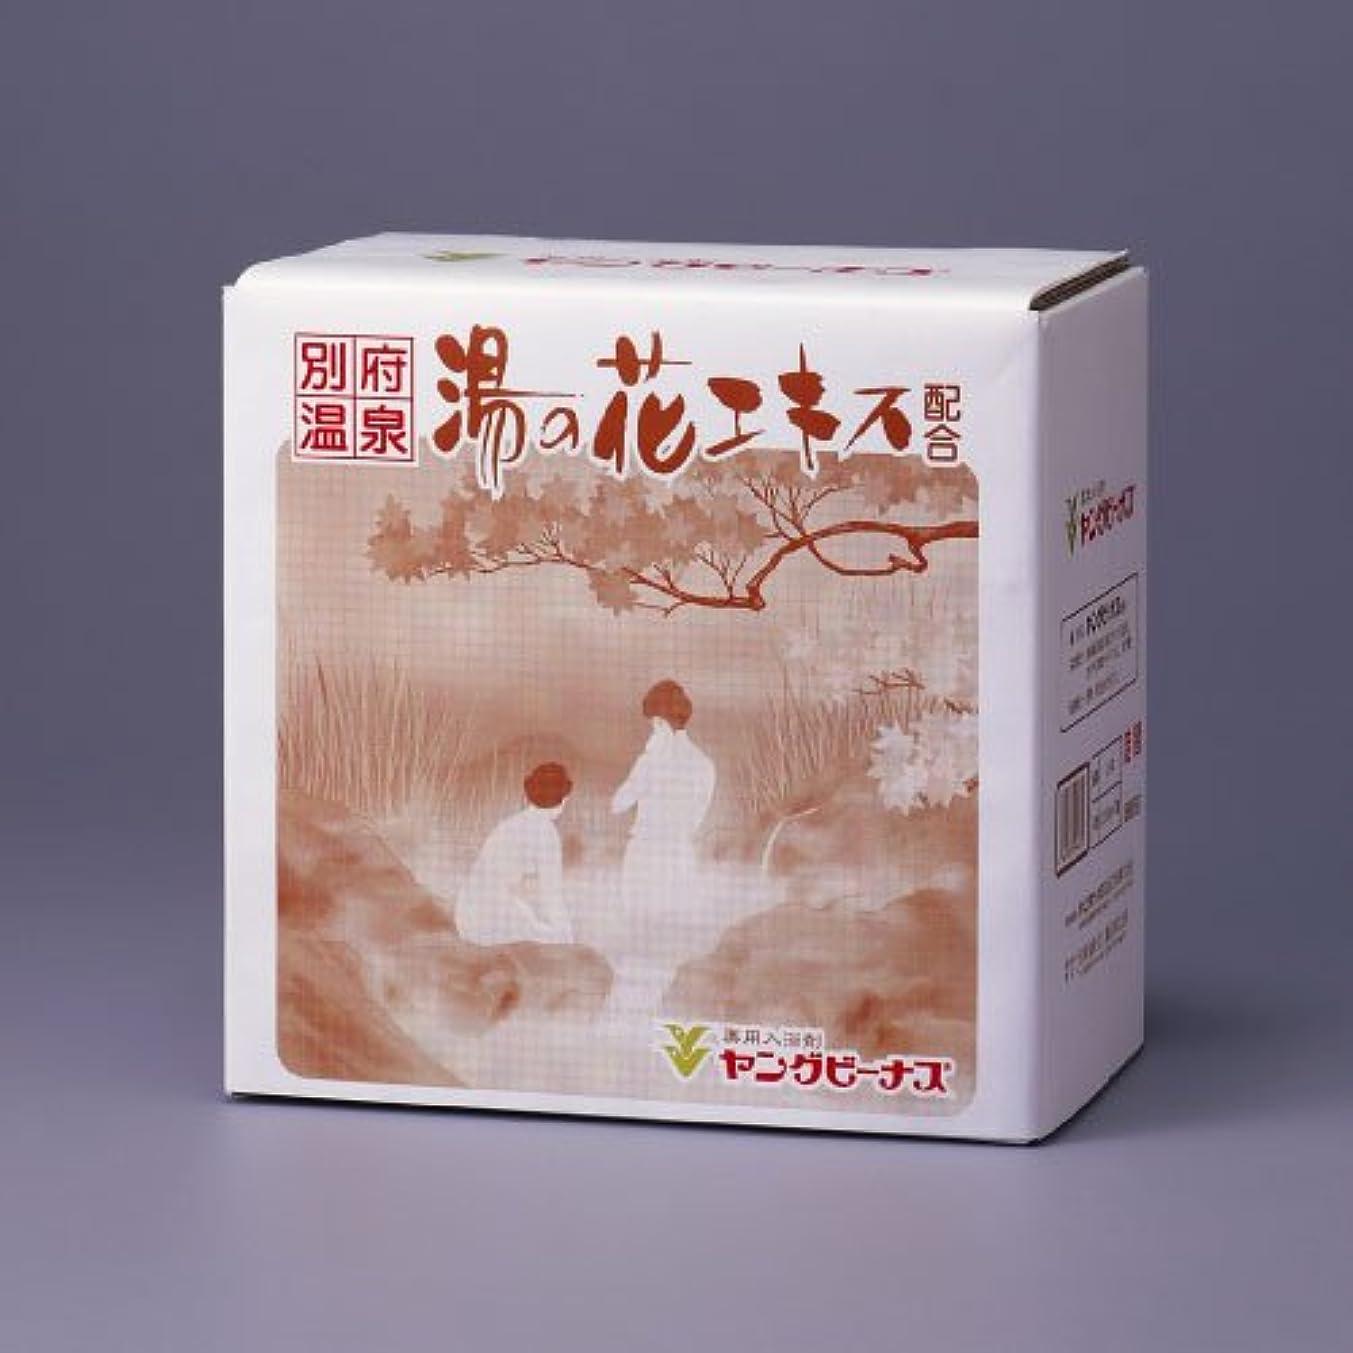 く不幸産地薬用入浴剤ヤングビーナスSv C-60【5.6kg】(詰替2.8kg2袋) [医薬部外品]